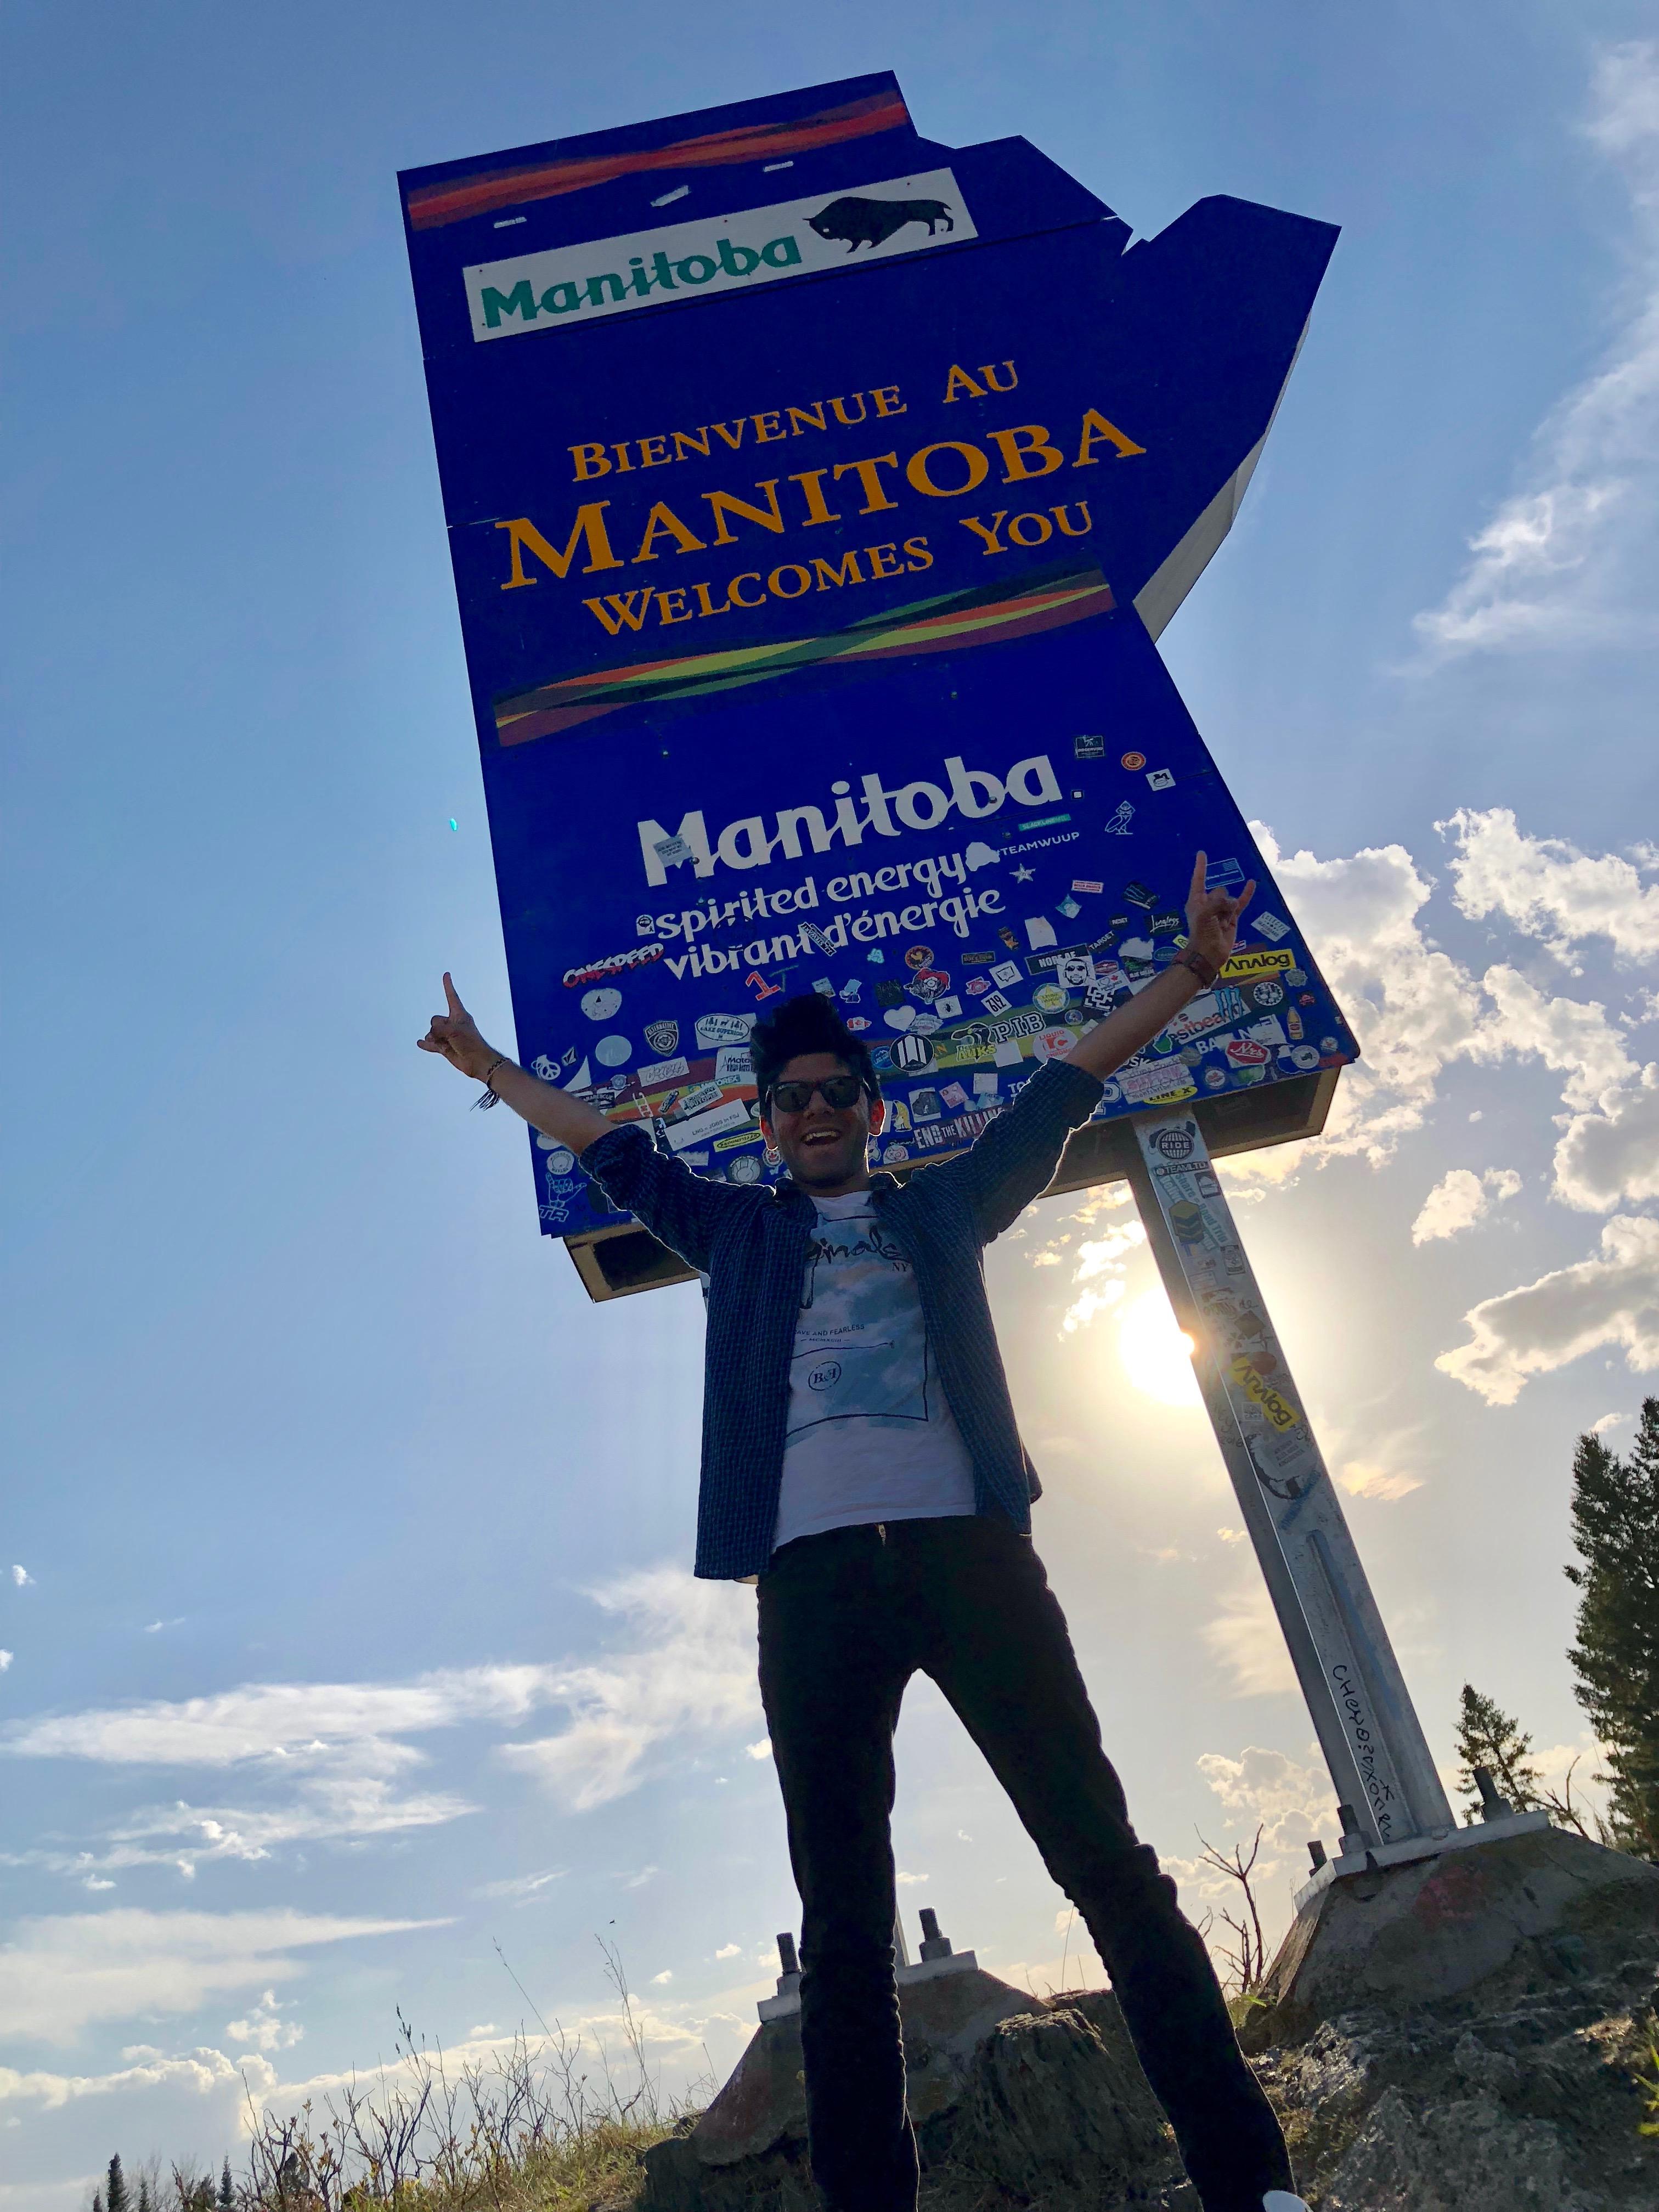 Manitoba - Friendly Manitoba